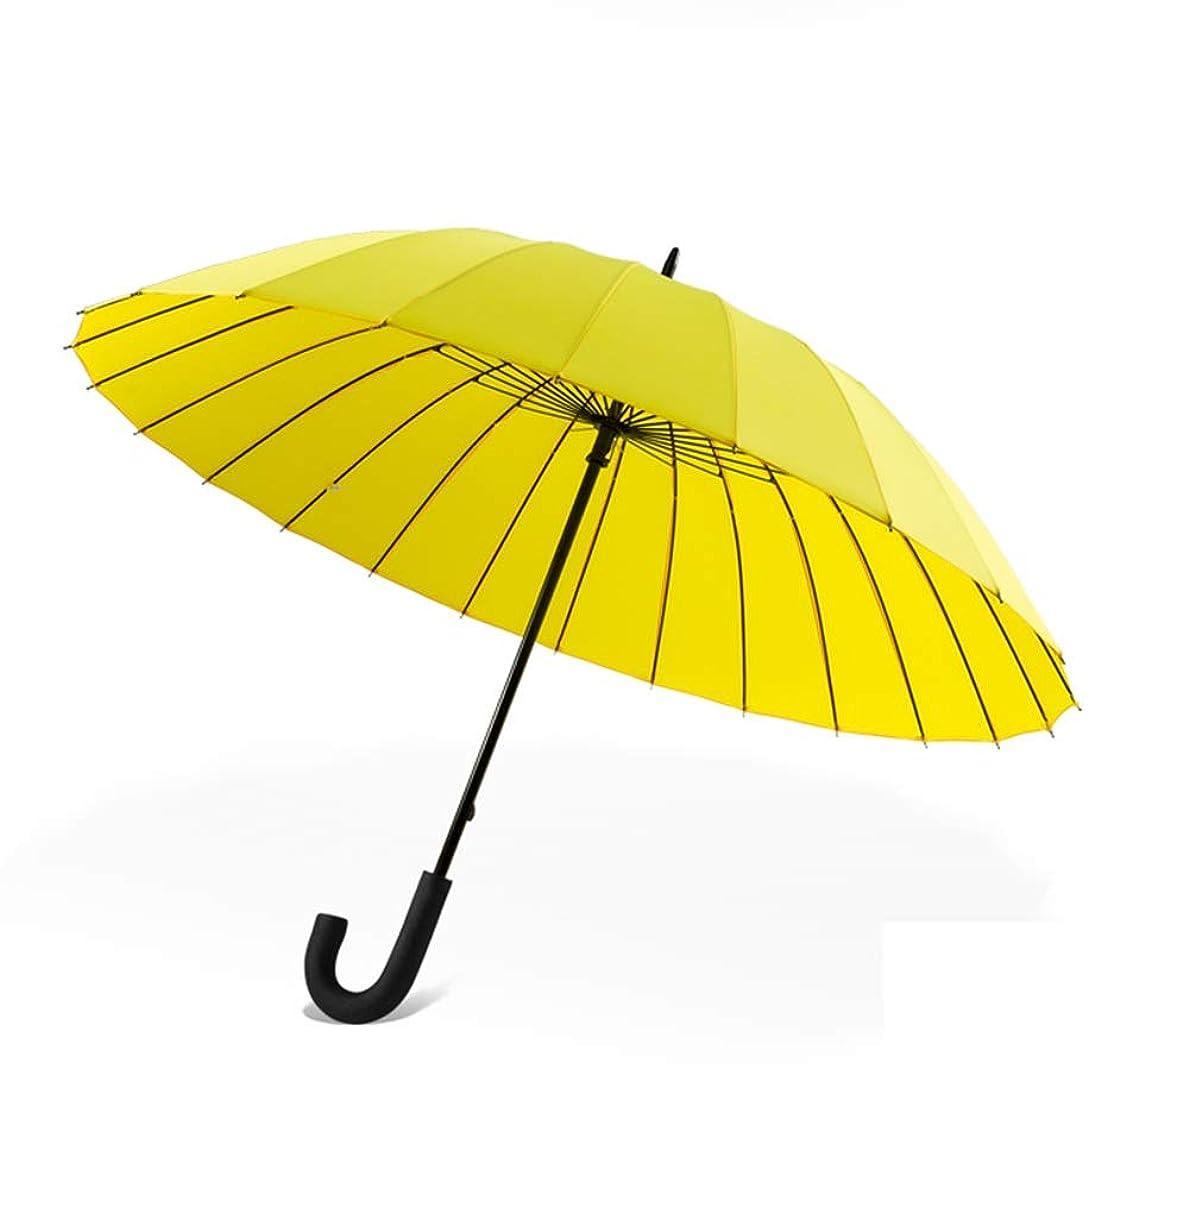 電子レンジ満足させる聴衆YKAIEET 24傘傘は太陽と雨の中で傘として使用することができます黄色い傘 (色 : イエロー)